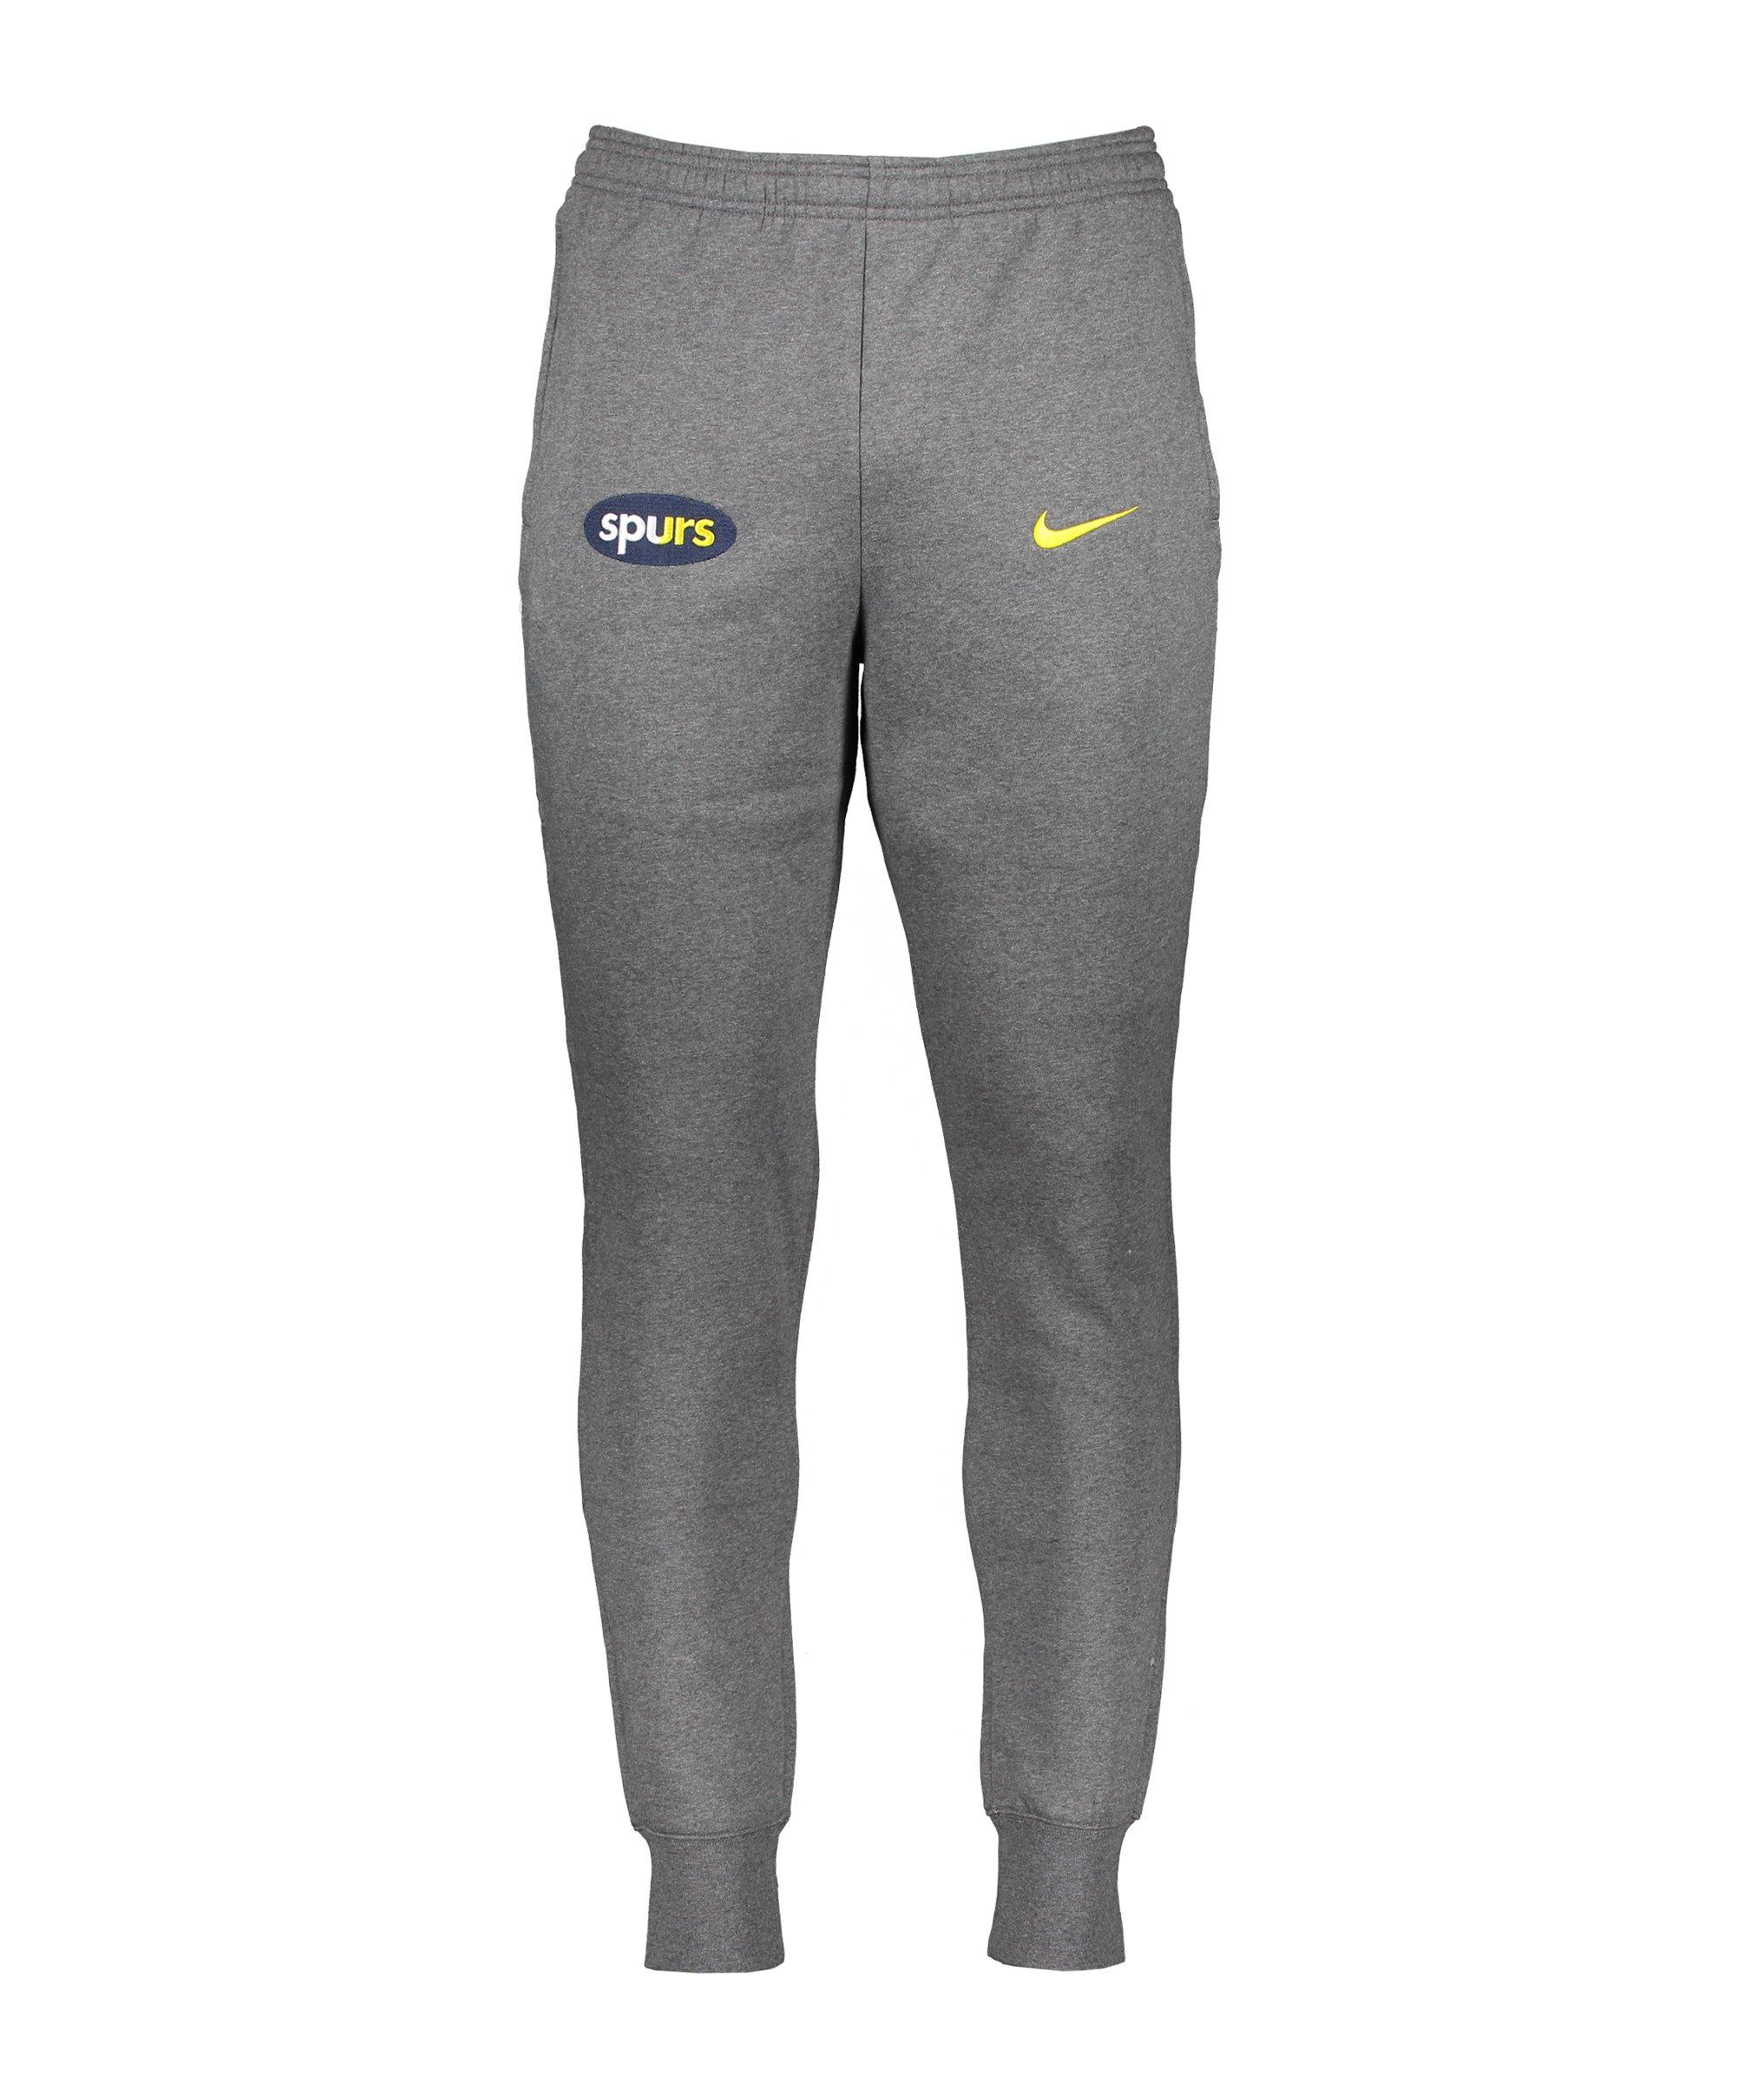 Nike Tottenham Hotspur Trainingshose CL Grau F071 - grau